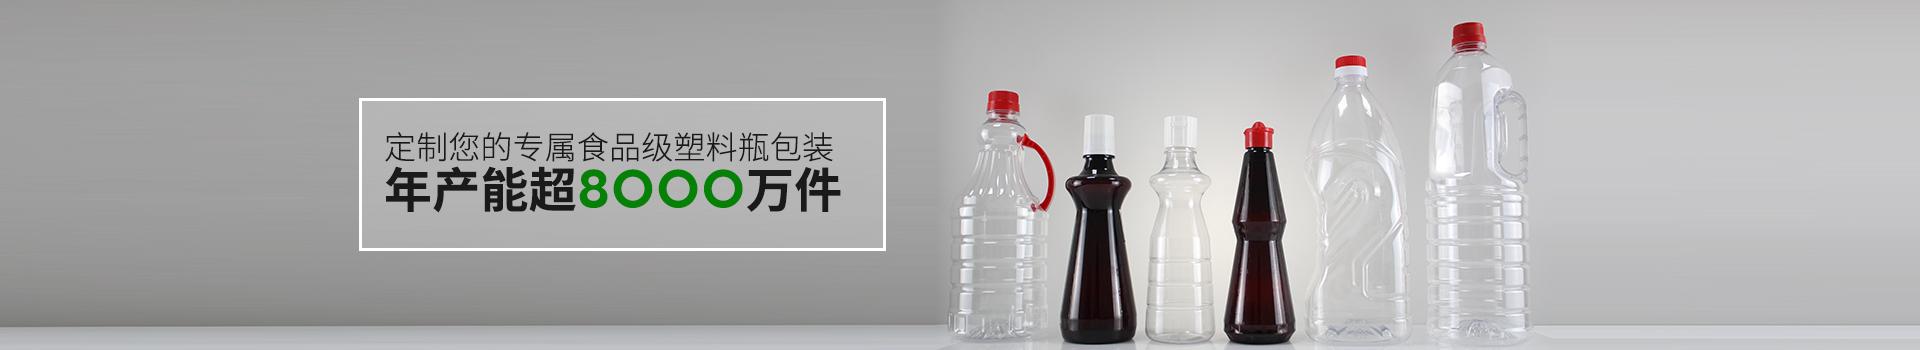 恒茂包装-定制您的专属食品级塑料瓶包装 年产能超8000万件